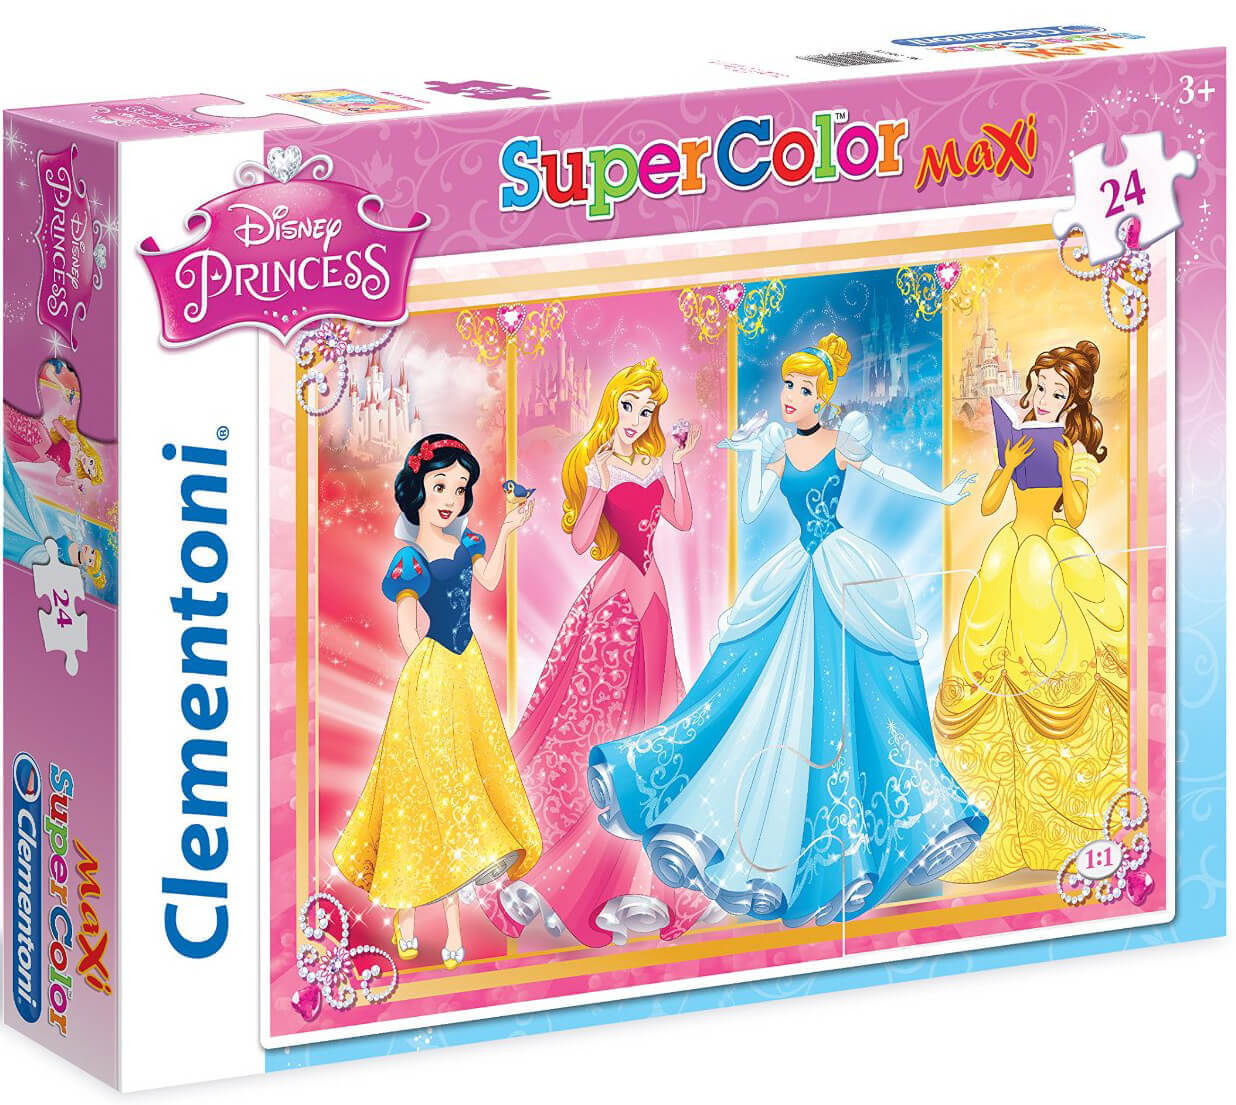 Пазлы Clementoni/Disney Princess  арт 24471 (24 эл., maxi)